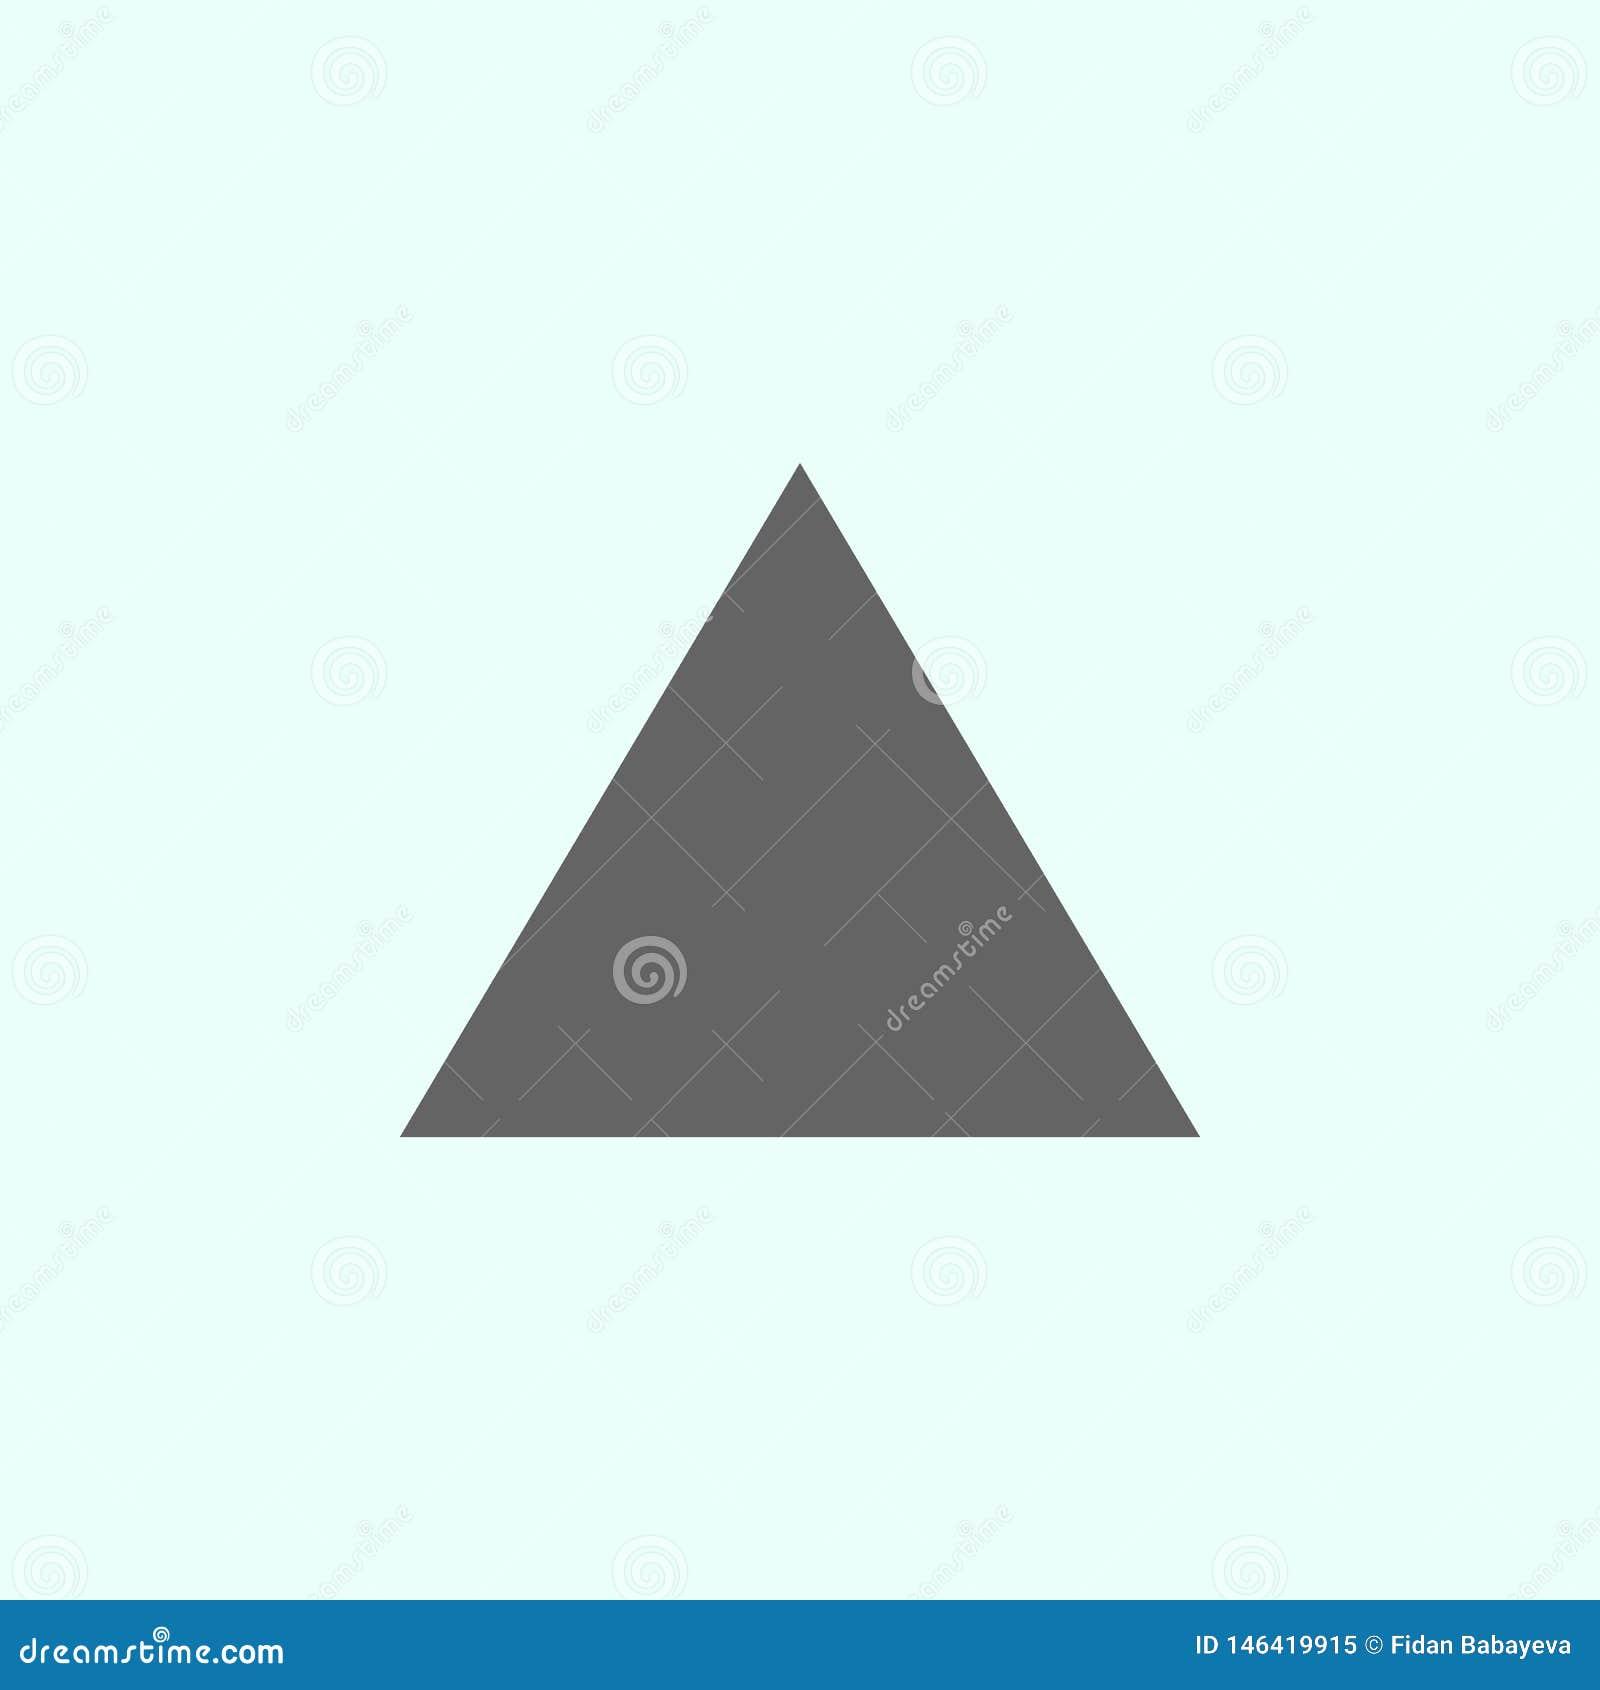 Geometriska diagram, triangelsymbol Best?ndsdelar av geometriska diagram illustrationsymbol Tecknet och symboler kan anv?ndas f?r